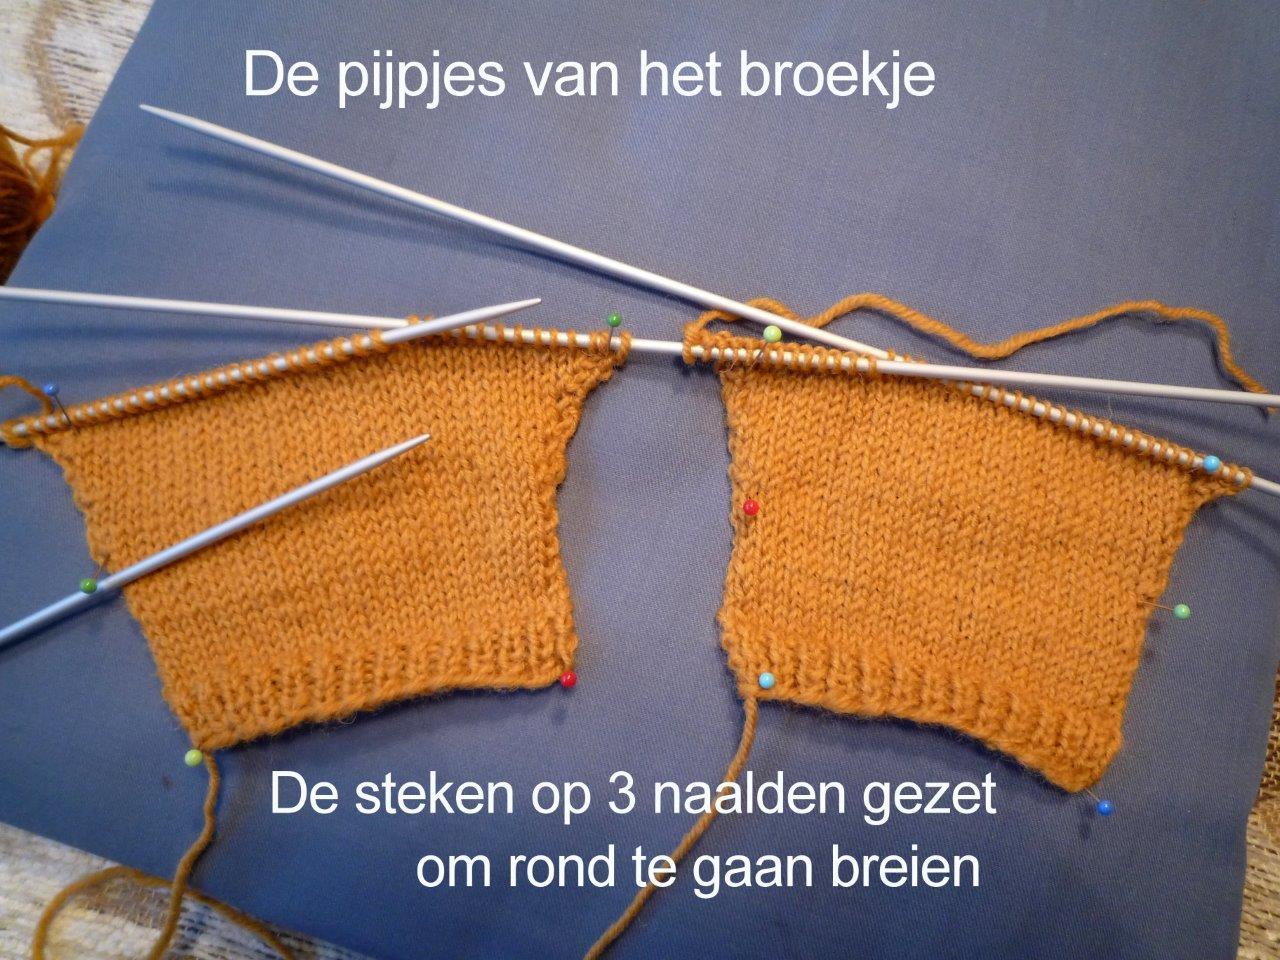 https://welkepopisdat.nl/afbeeldingen-Forum/DurvinaFotos/W%20(2).jpg